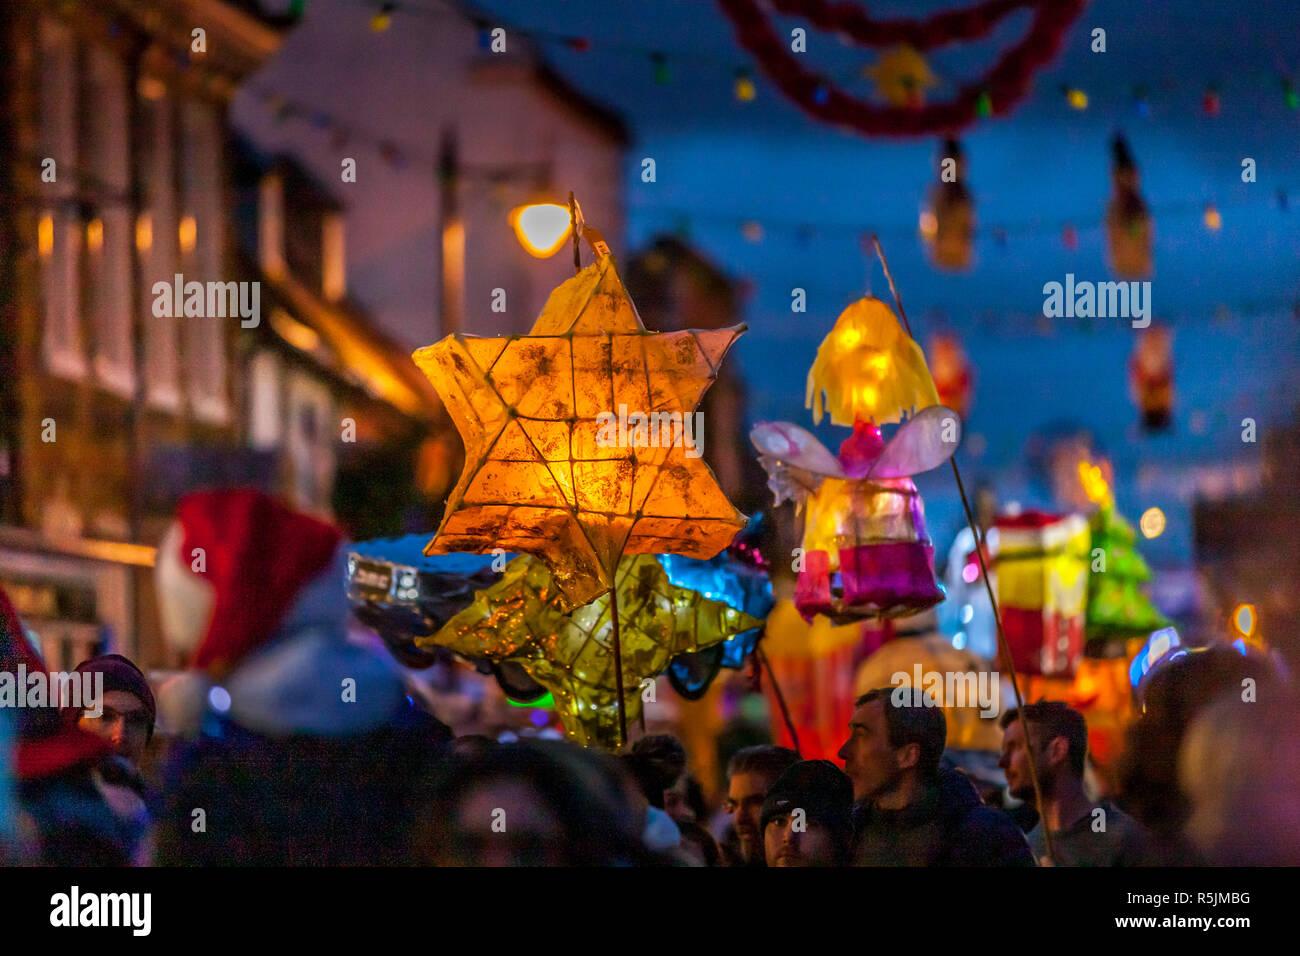 Illuminated procession - Wikipedia | 956x1300